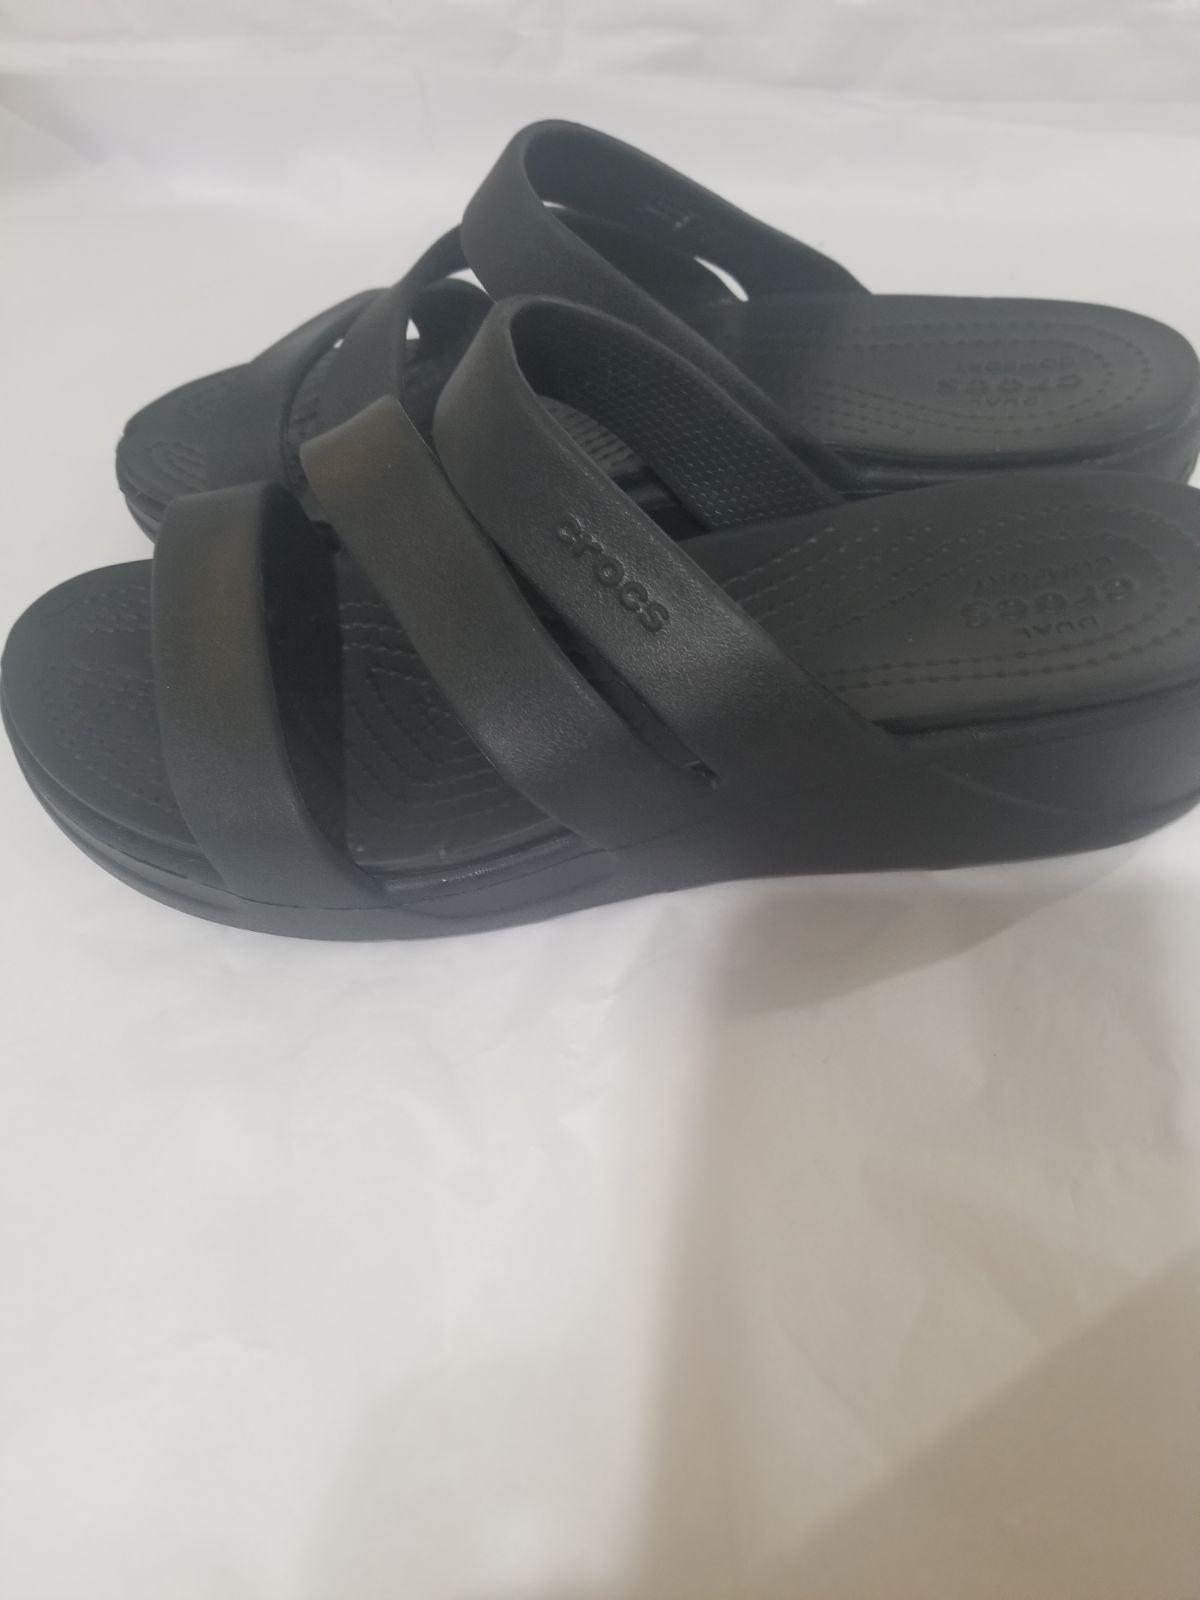 Crocs sandals women size 8